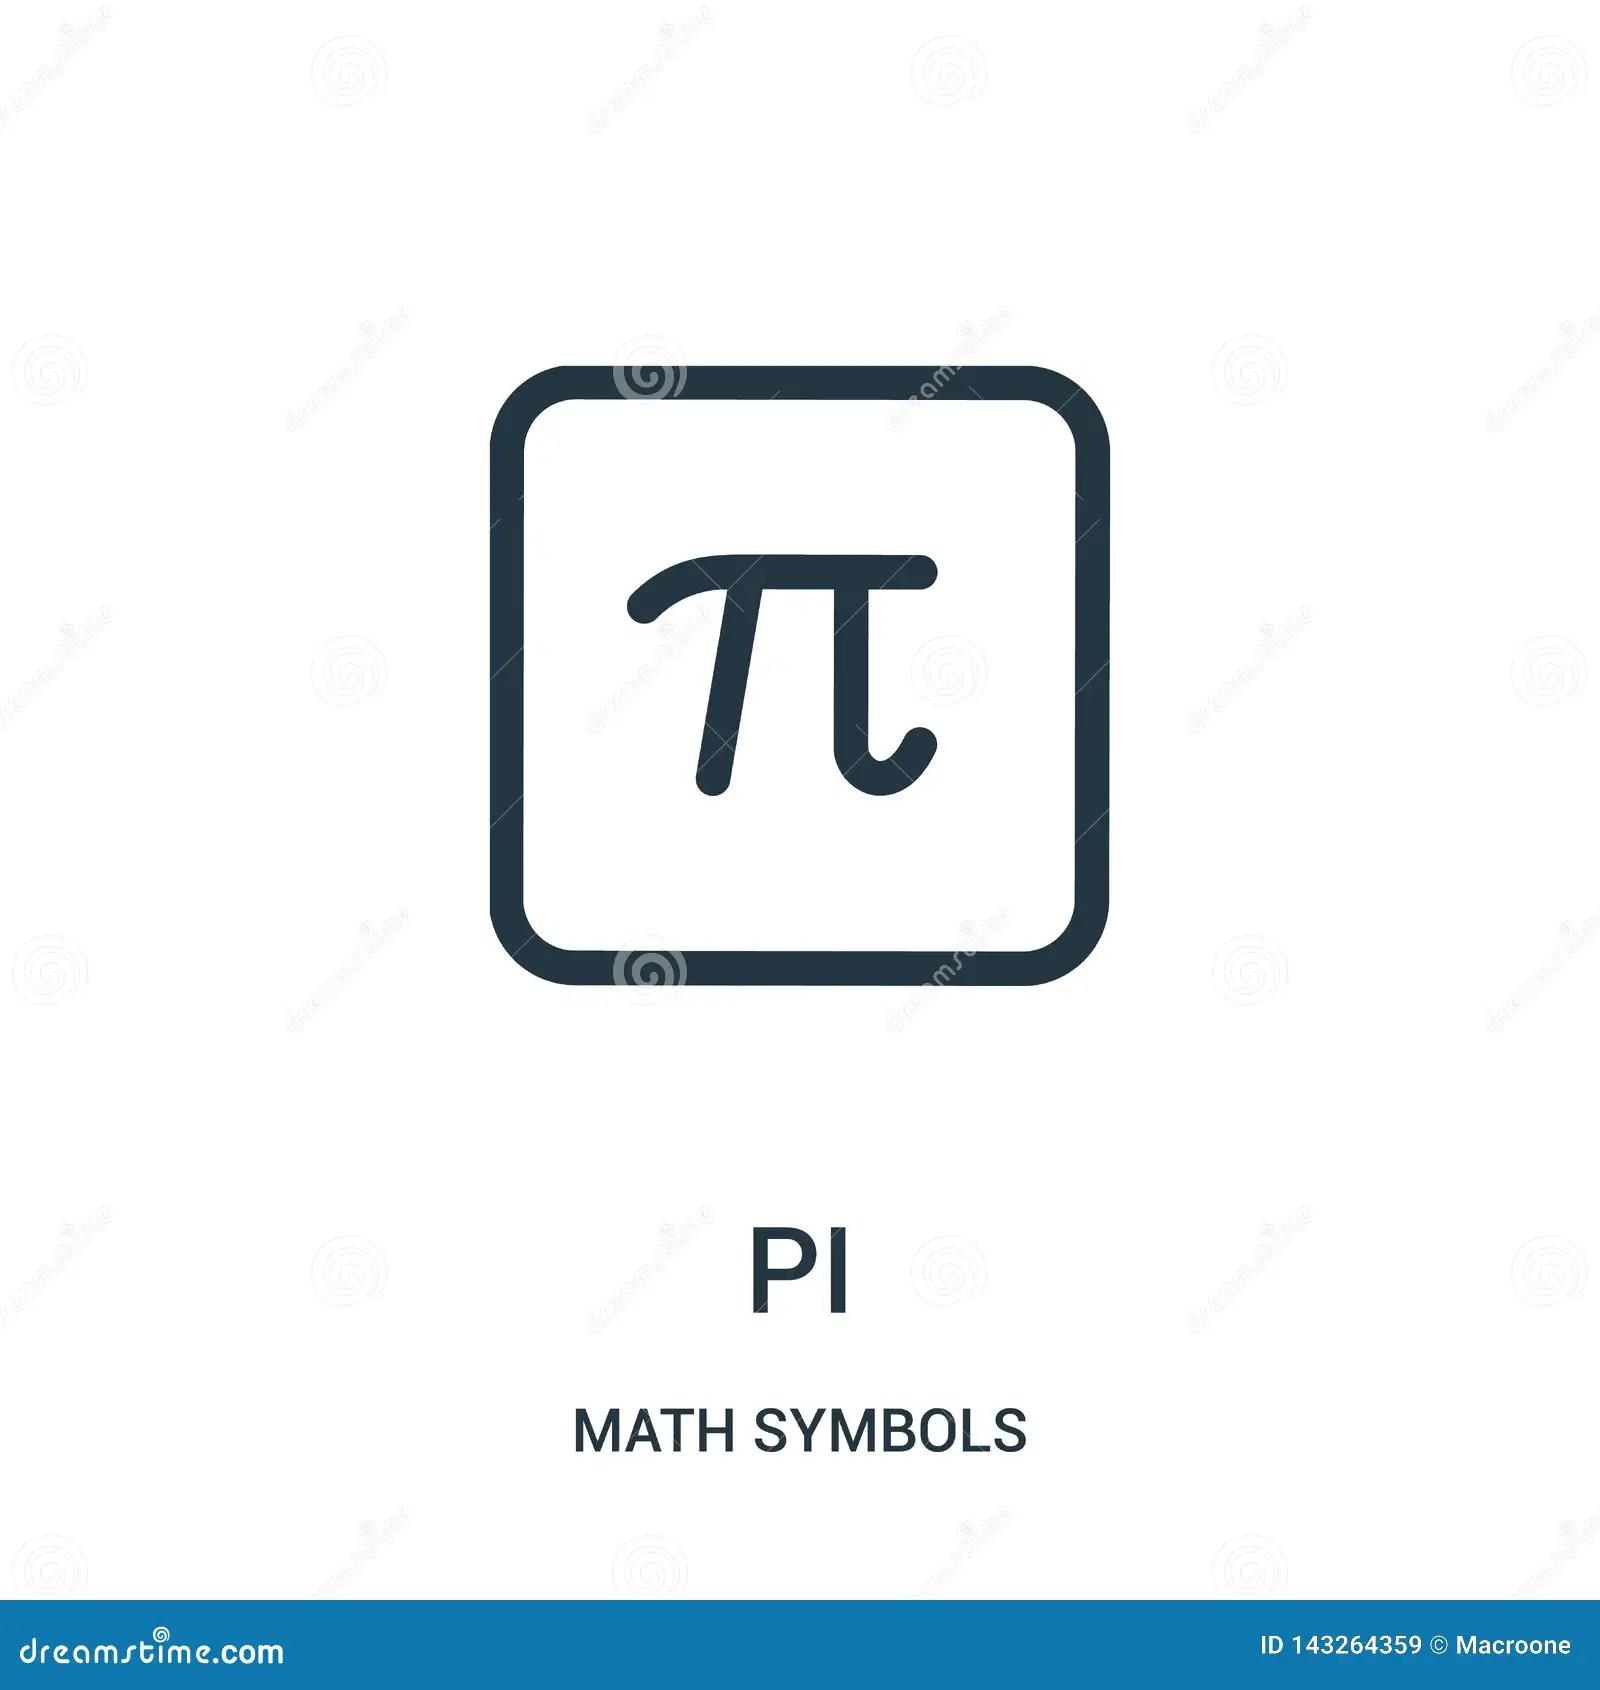 Number Mathematics Cartoon Vector